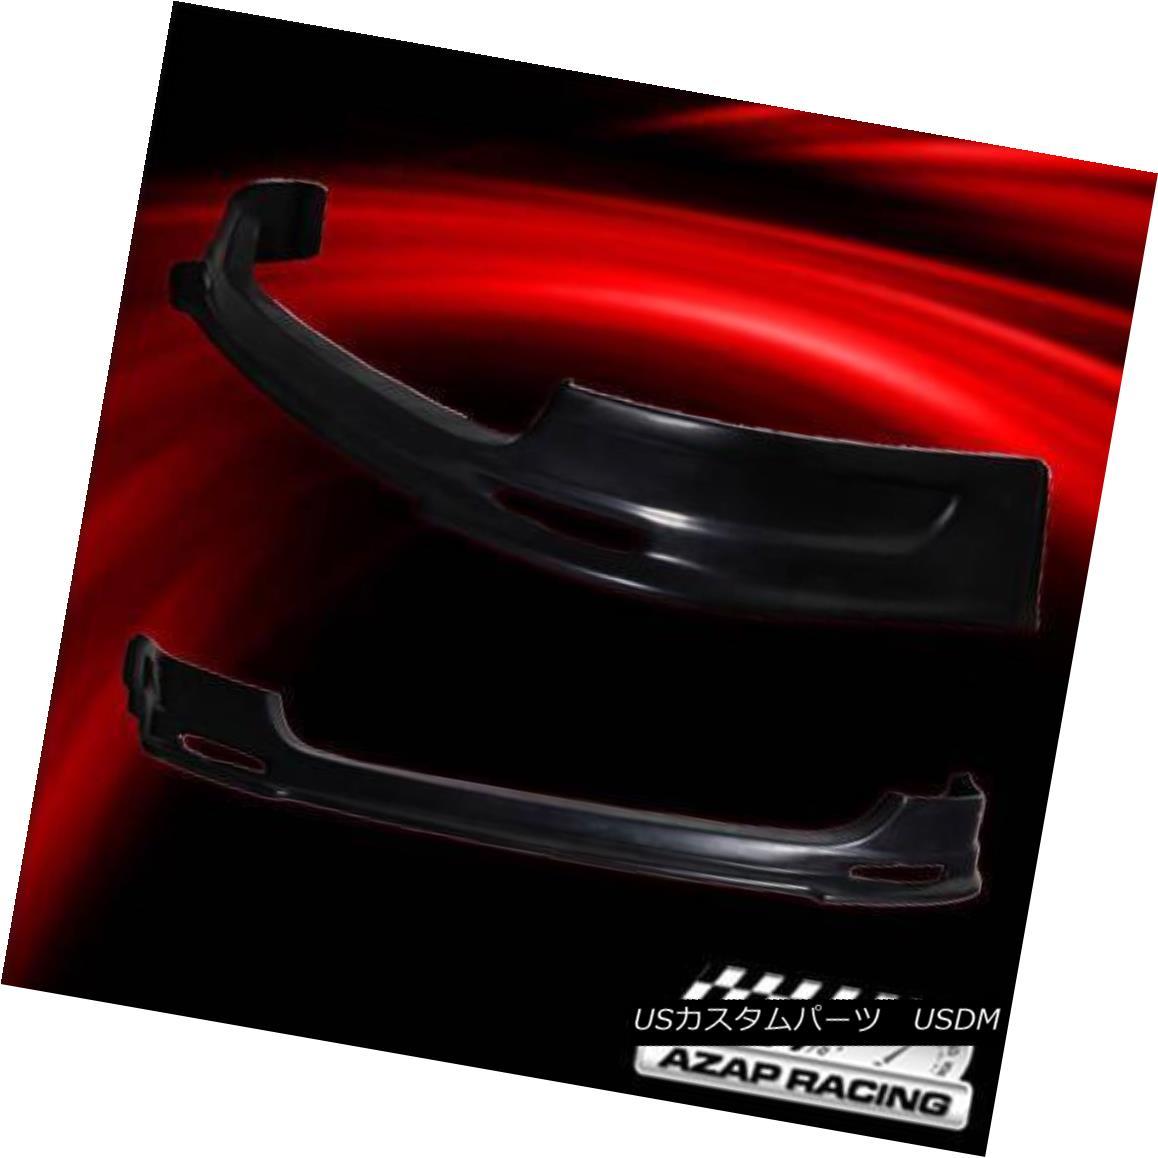 エアロパーツ 03-05 Mug PU Black Front Bumper Lip Spoiler Fits Honda Civic Si 3Dr Hatchback 03-05マグカップブラックフロントバンパーリップスポイラー、ホンダシビックシ3Drハッチバックにフィット